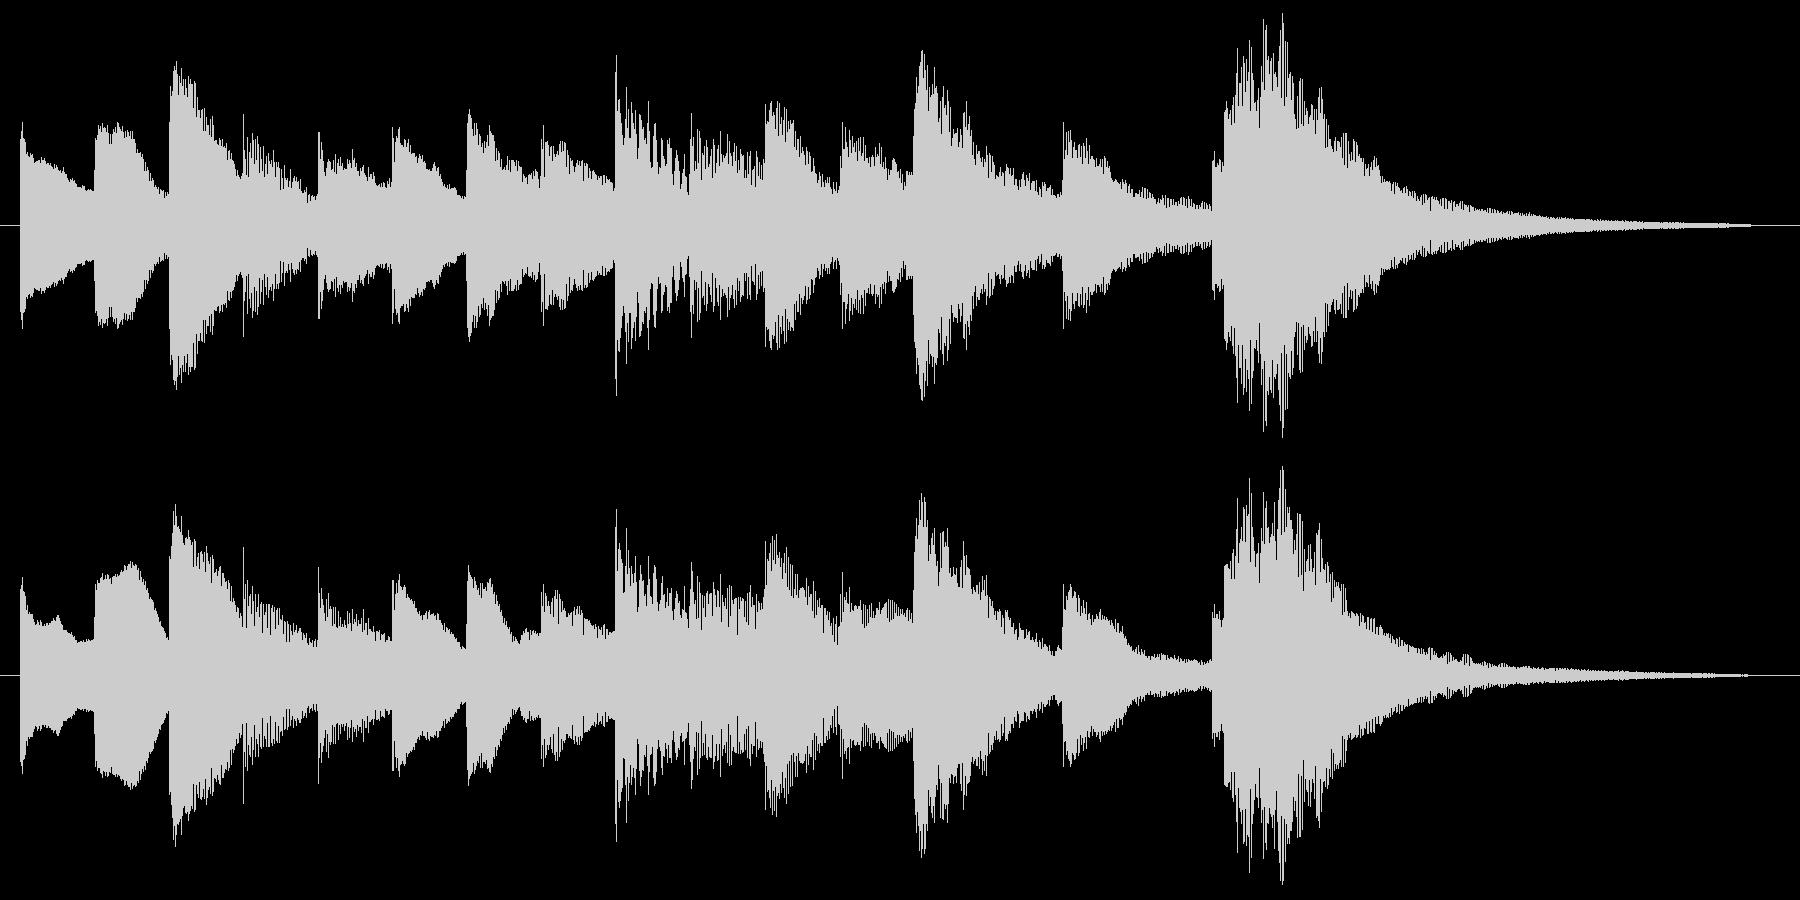 オルゴールによるかわいいサウンドロゴの未再生の波形